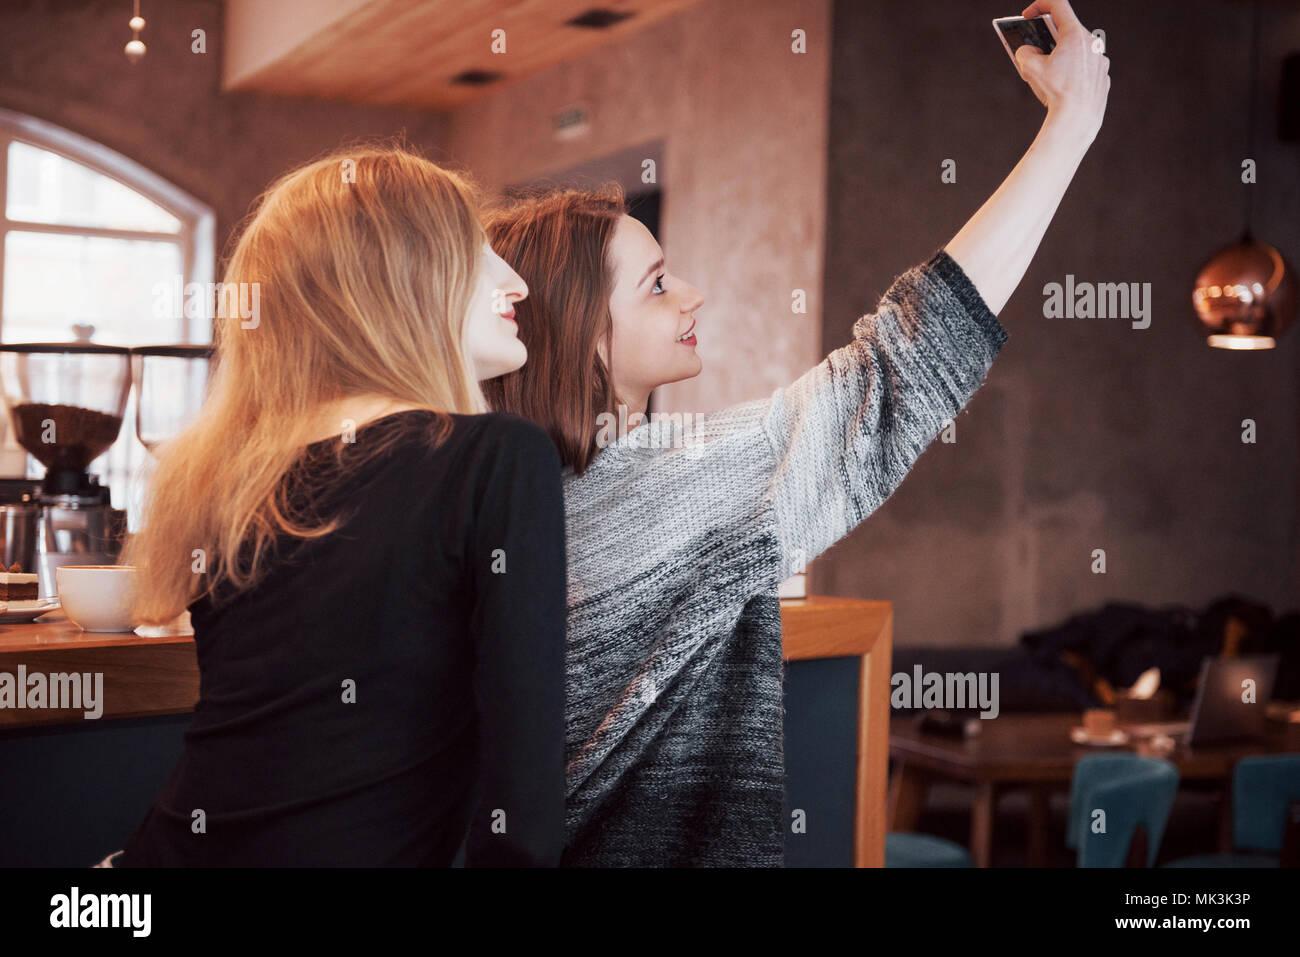 Deux amis de boire du café dans un café, en tenant vos autoportraits avec un téléphone intelligent et s'amuser faire des grimaces. Se concentrer sur la fille sur la gauche Banque D'Images